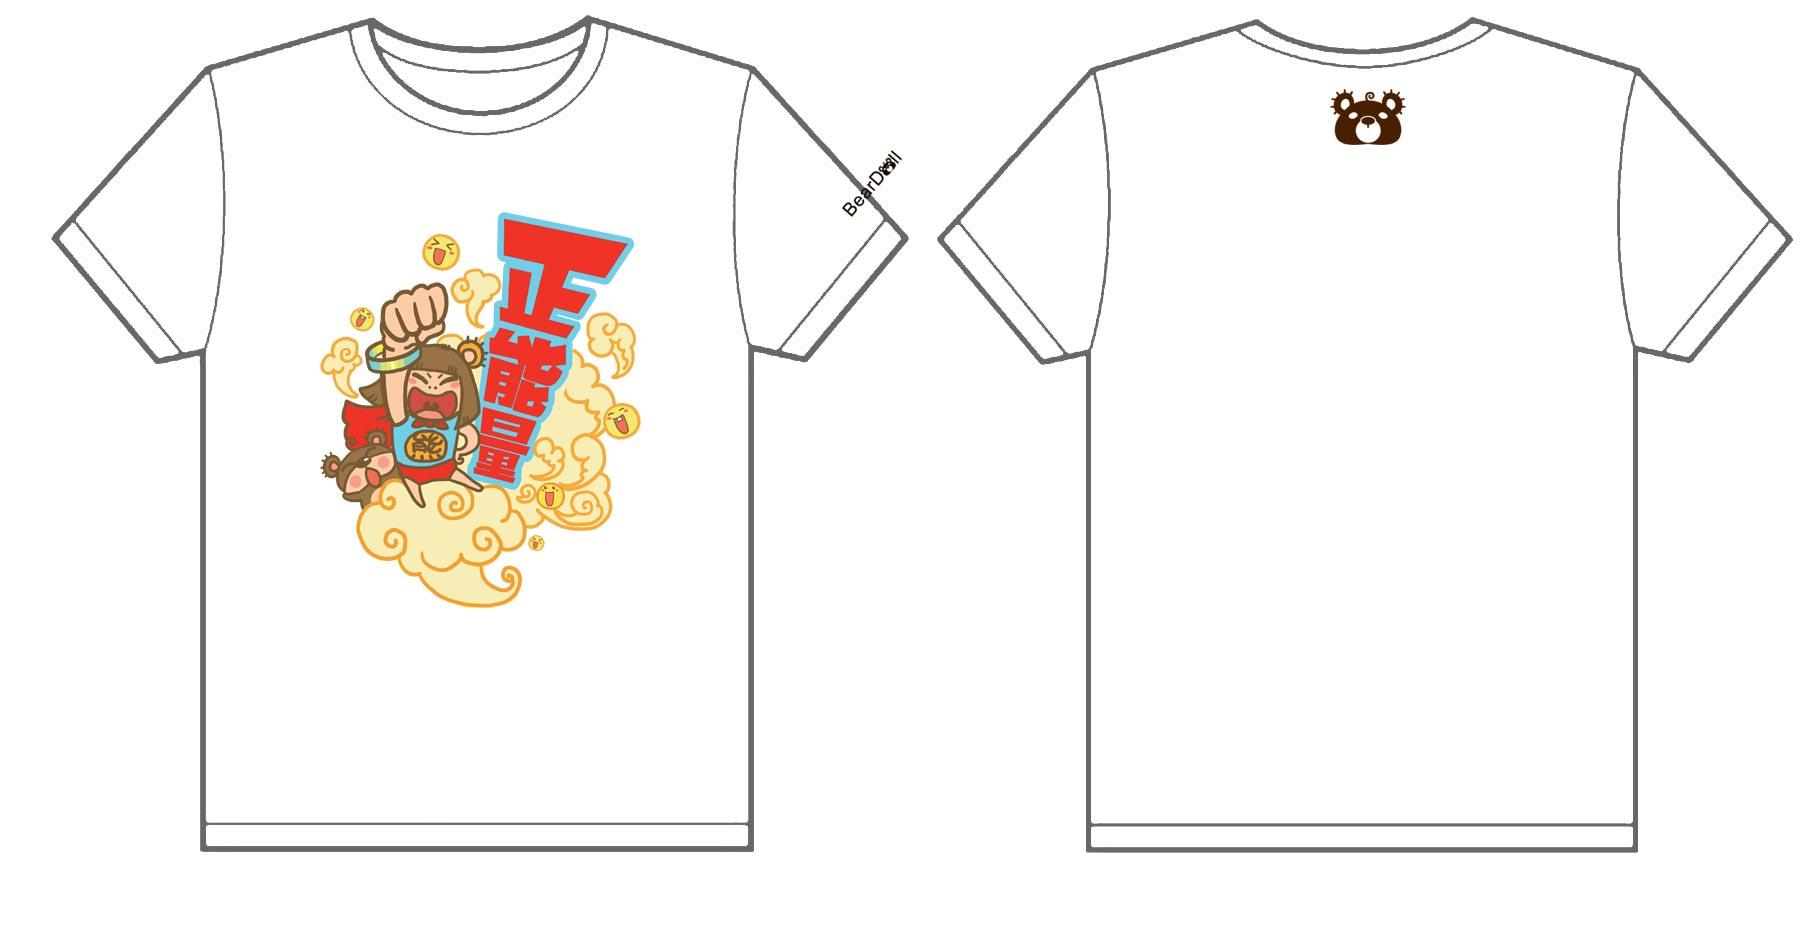 正能量2012文化衫制作完毕